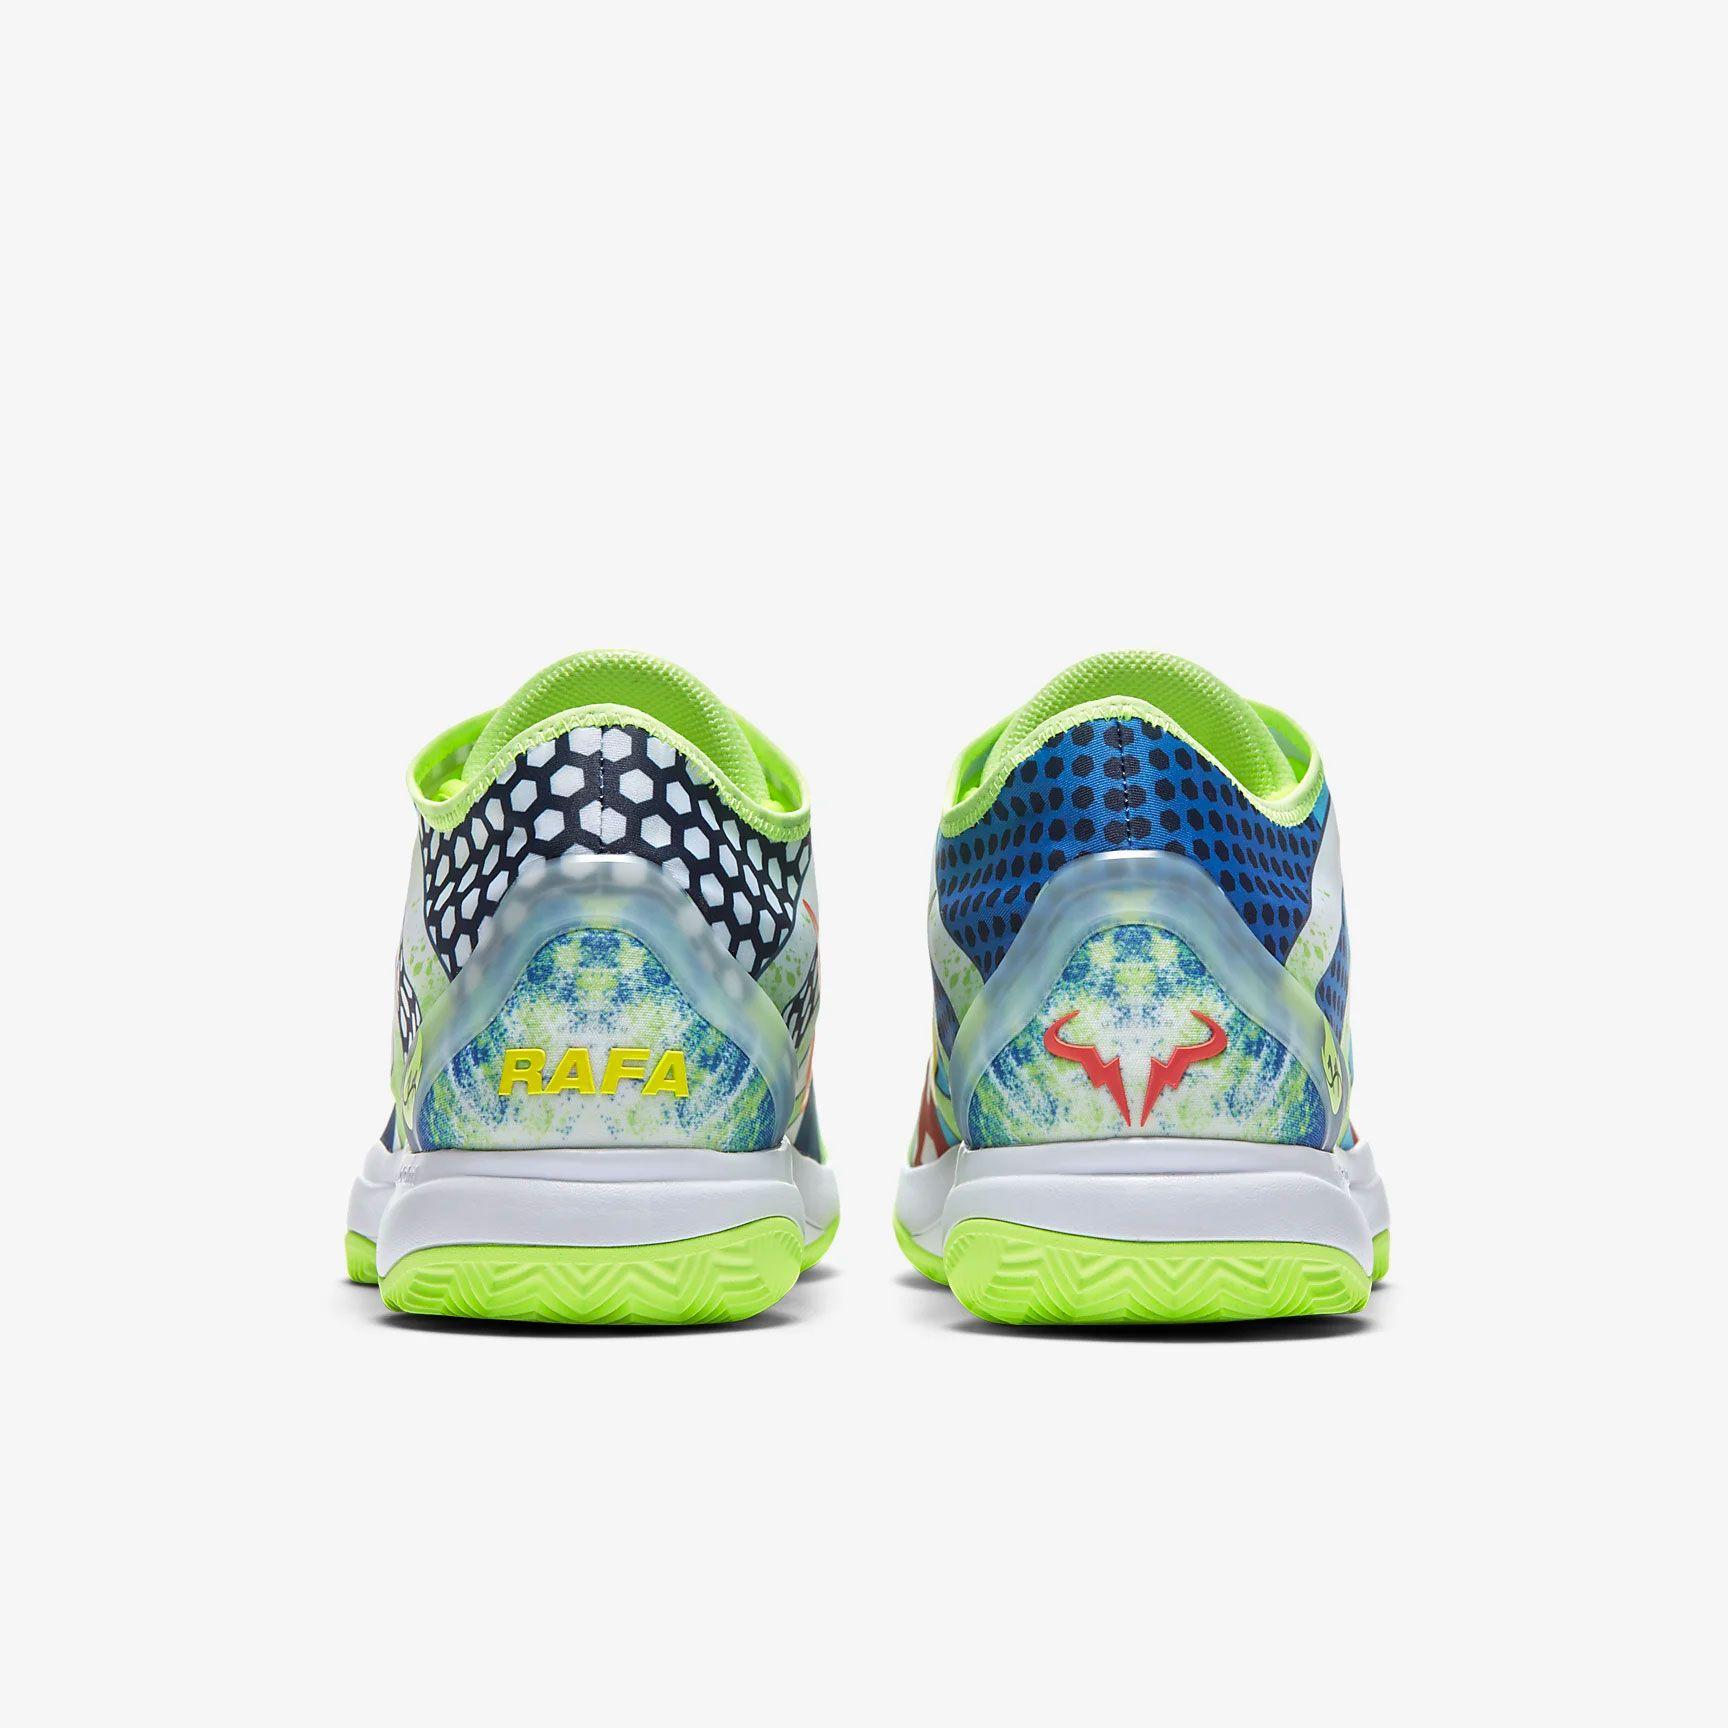 Así son las nuevas zapatillas Nike que homenajean a Rafa